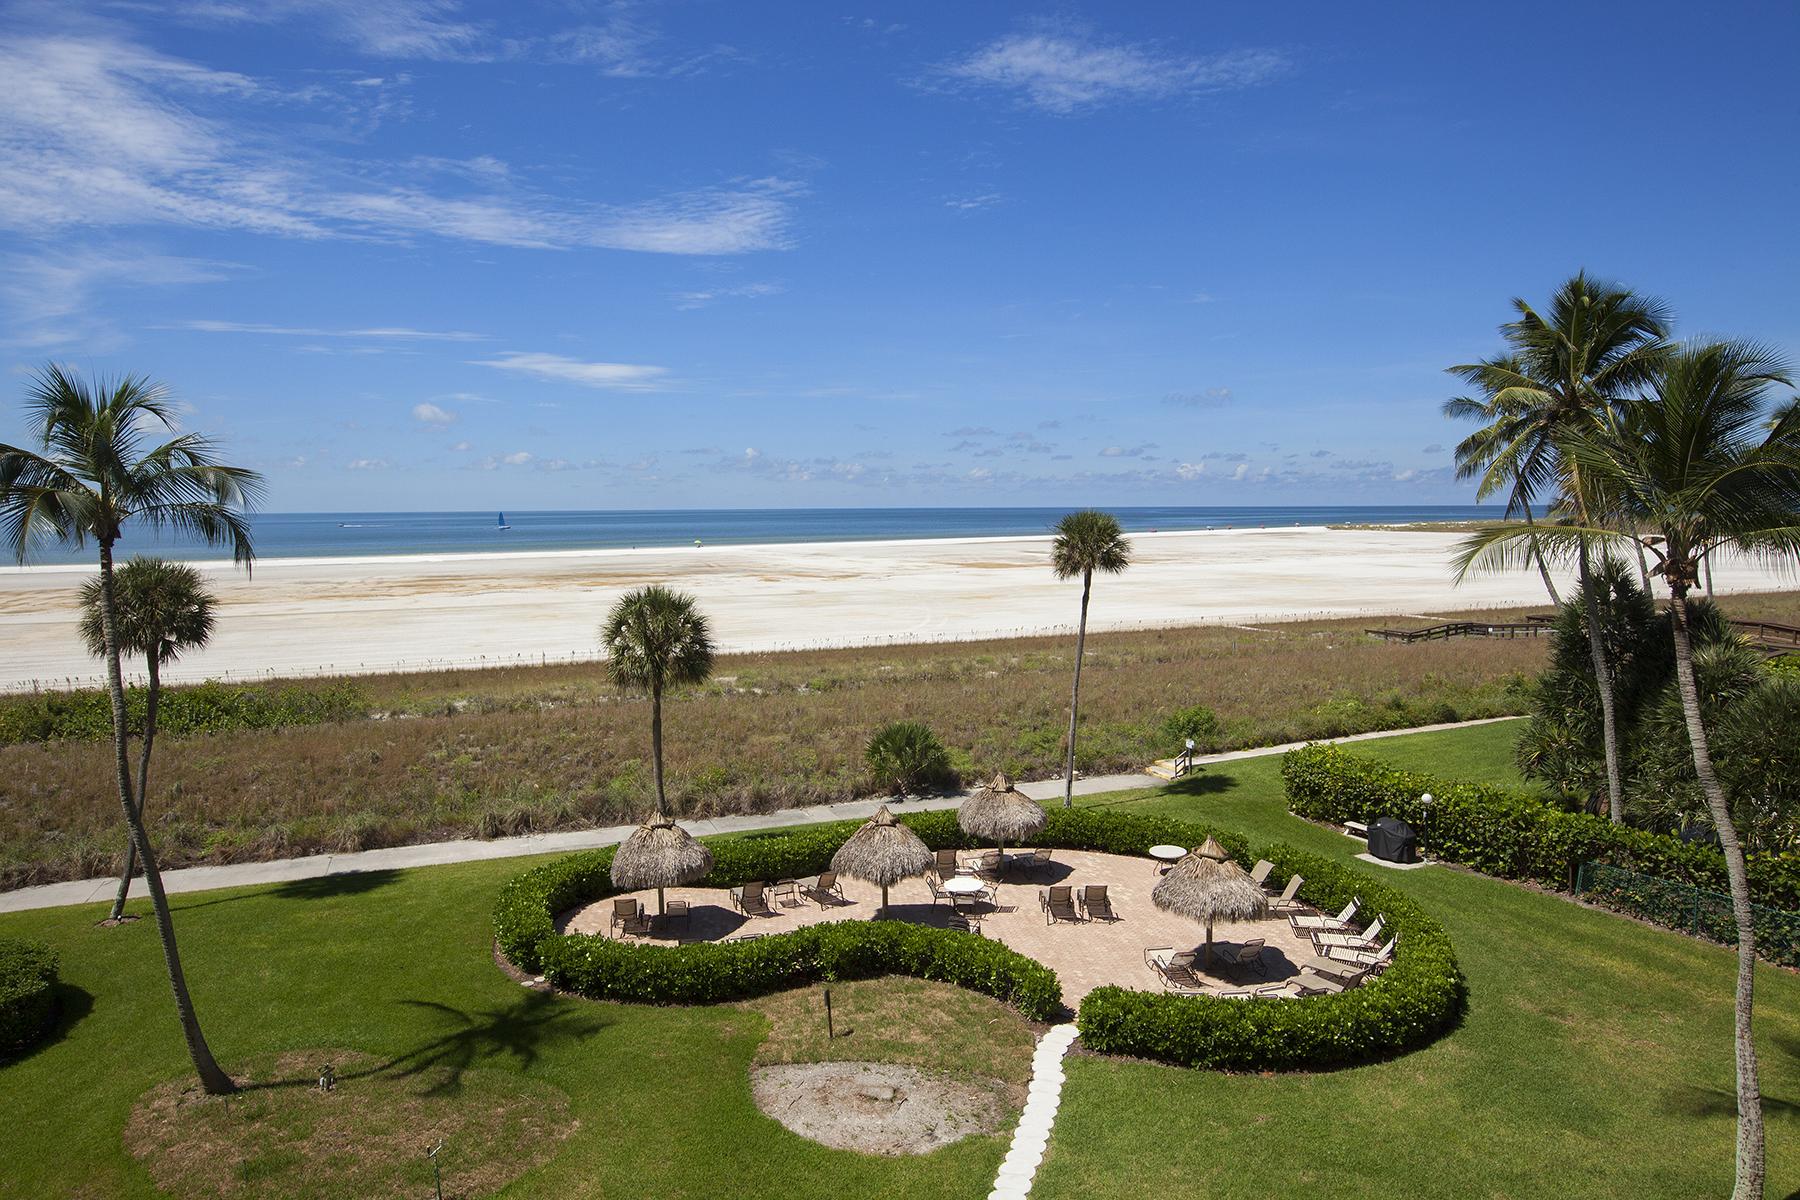 Кондоминиум для того Продажа на TRADEWINDS 180 Seaview Ct 415 Marco Island, Флорида, 34145 Соединенные Штаты